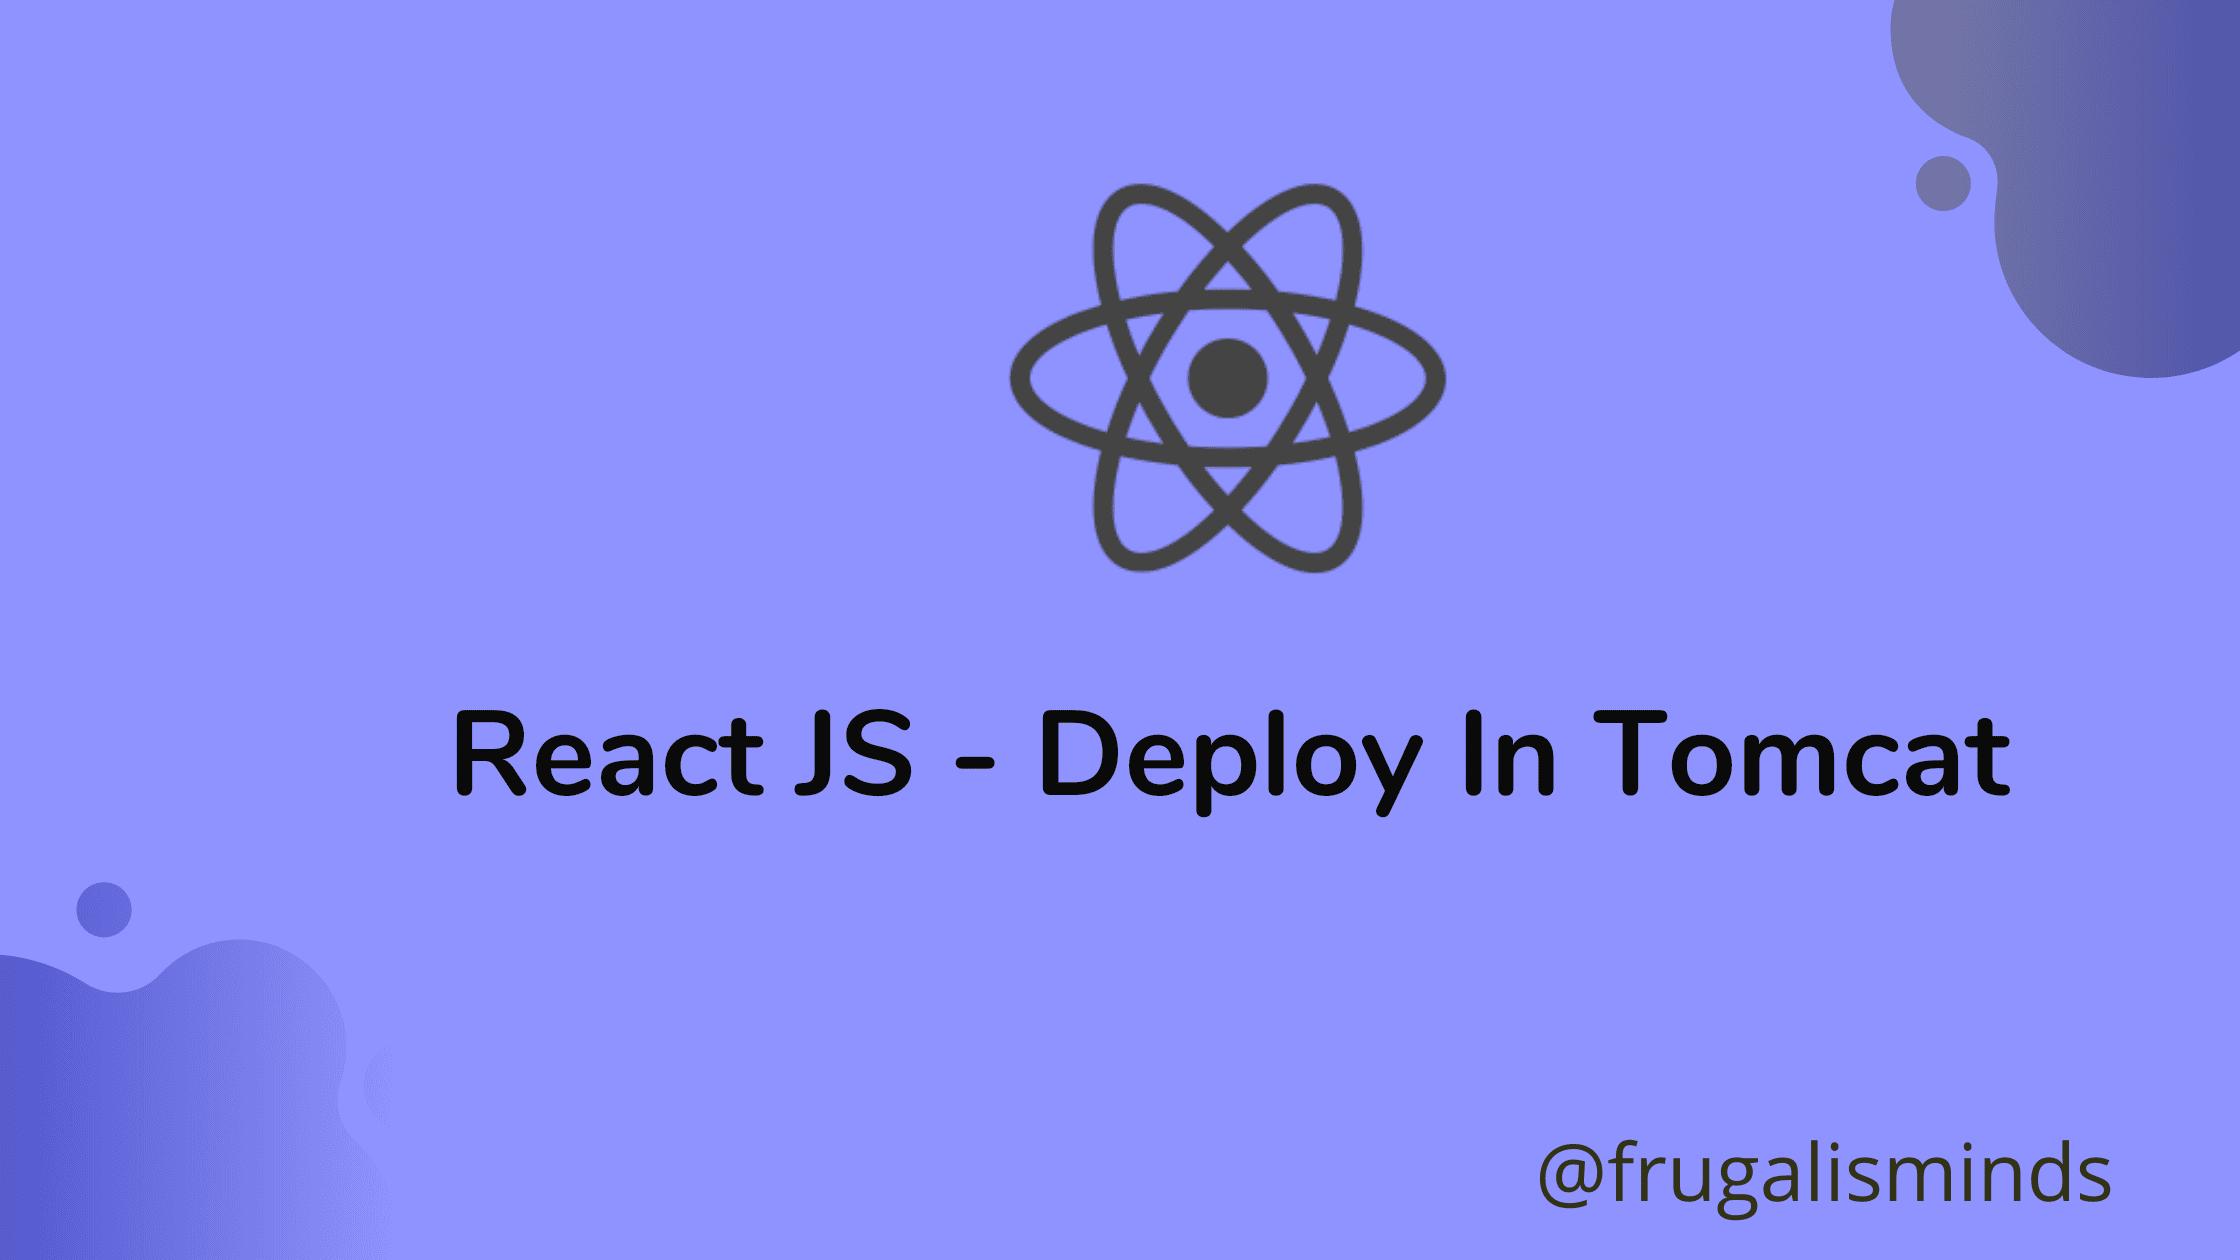 Deploy Reactjs in Tomcat